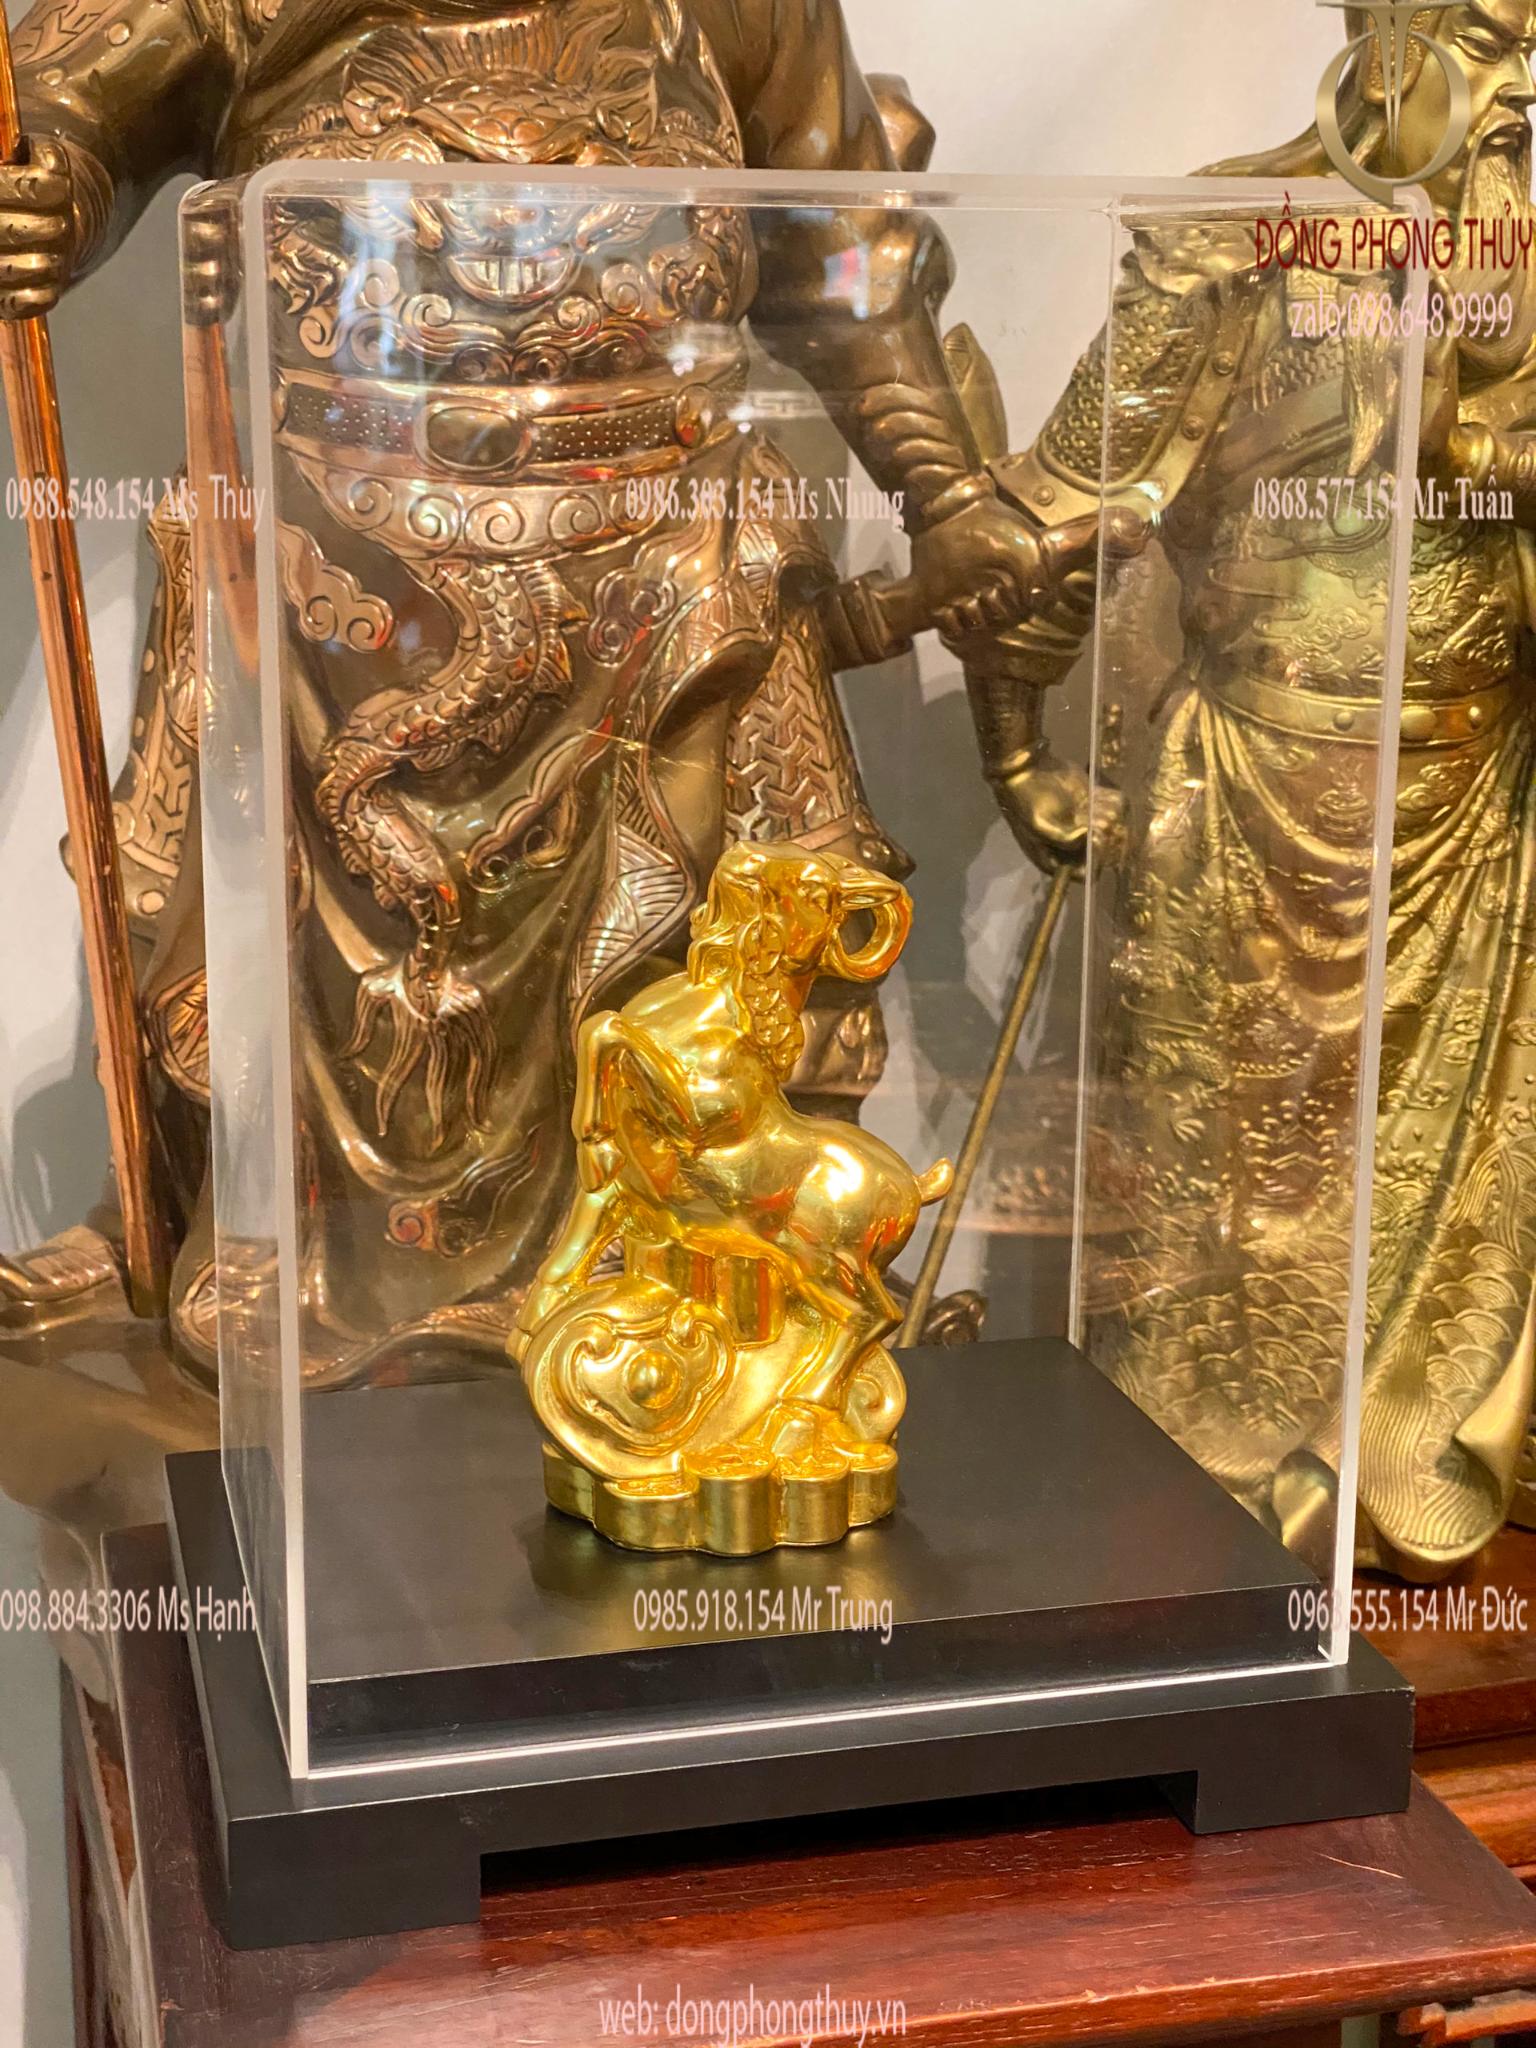 Quà tặng sếp: tượng dê phong thủy như ý dát vàng 24k bằng đồng